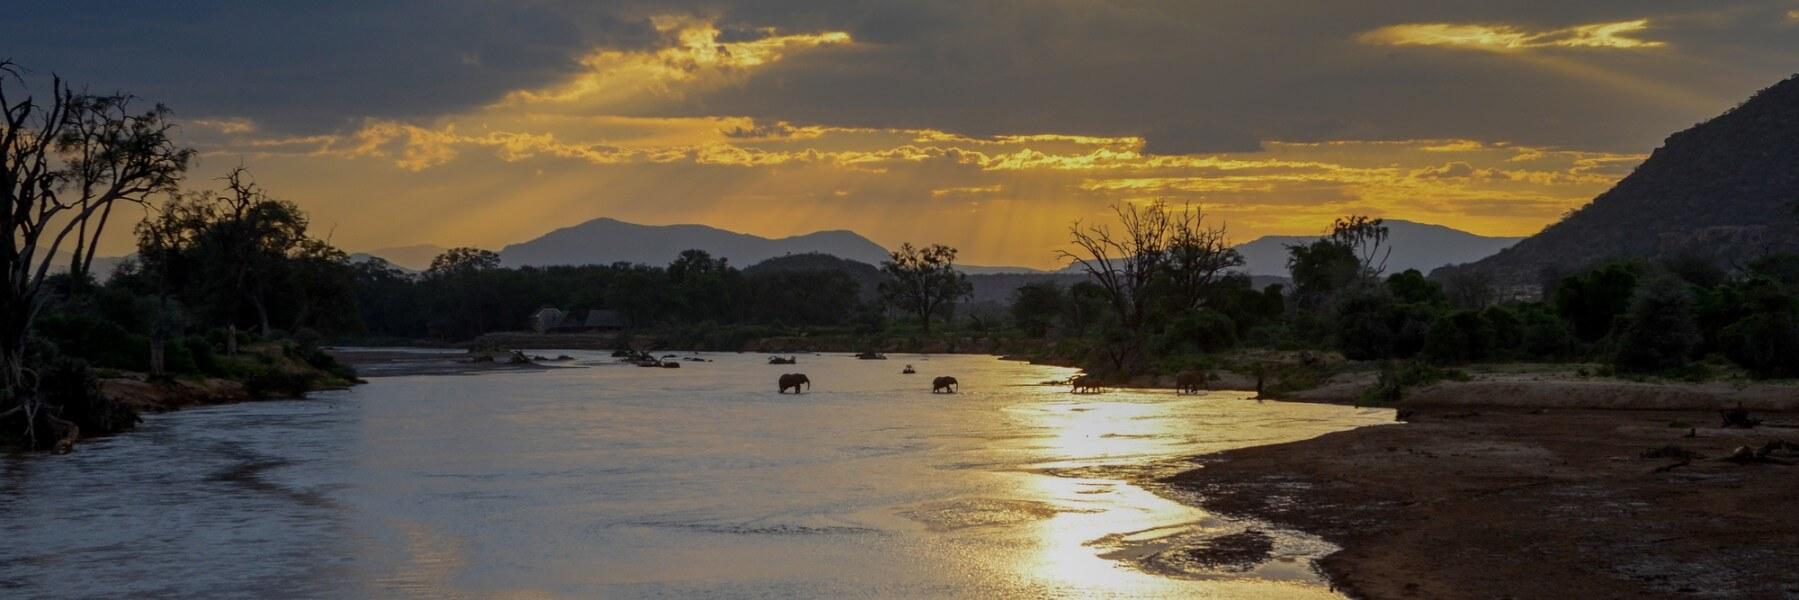 Best of Northern Kenya road safari, 5 Days